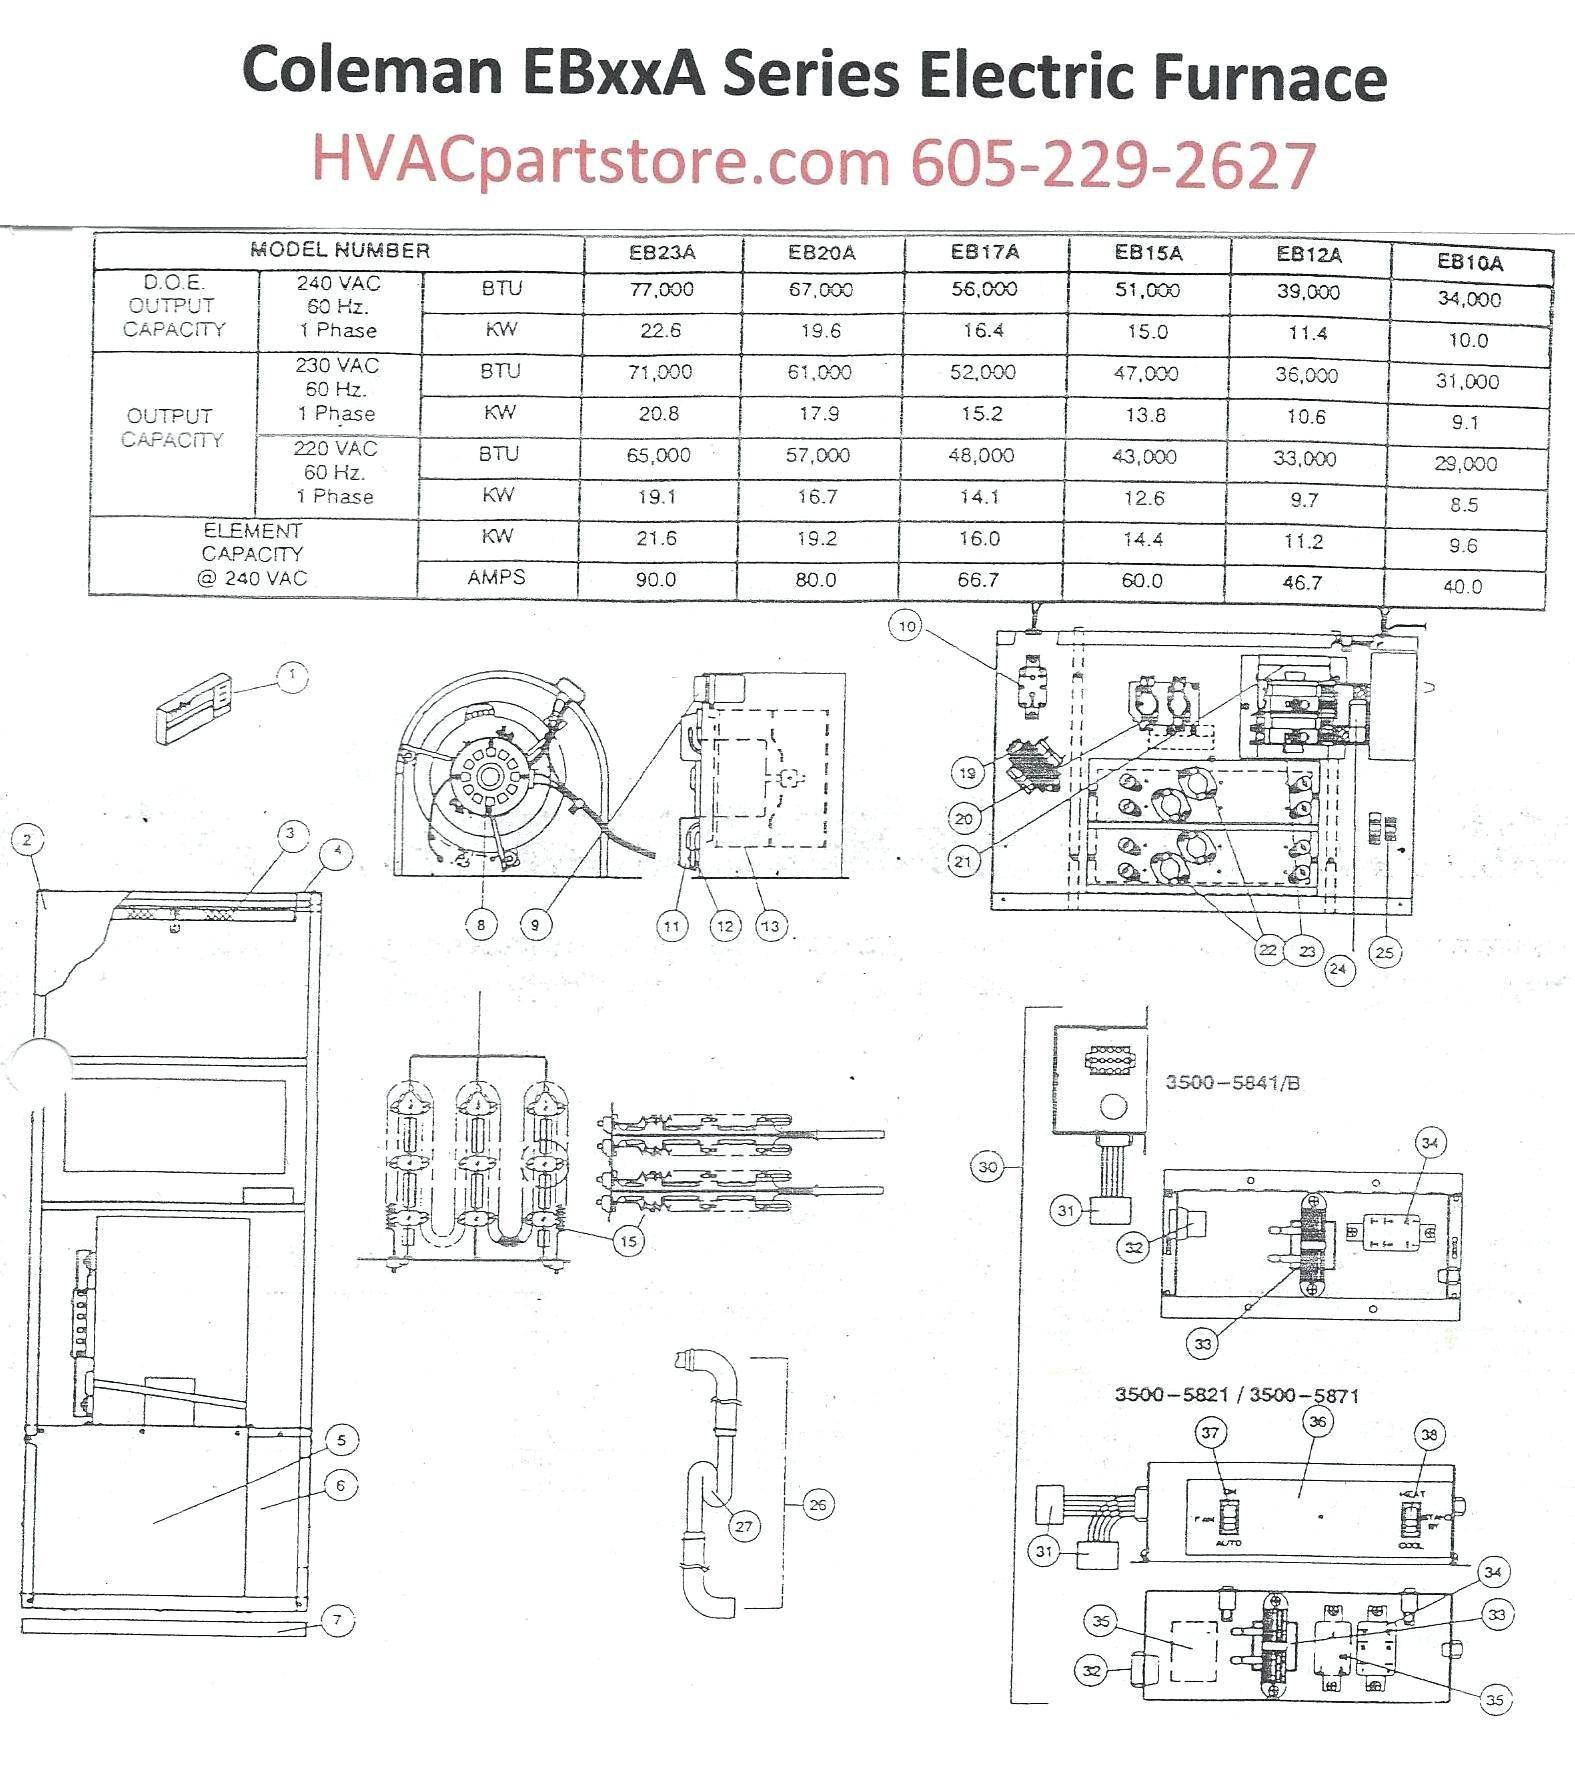 york electric furnace wiring diagram Collection-Wiring Diagram Ac Gas New York Electric Furnace Wiring Diagram Best York Gas Furnace Wiring 4-e